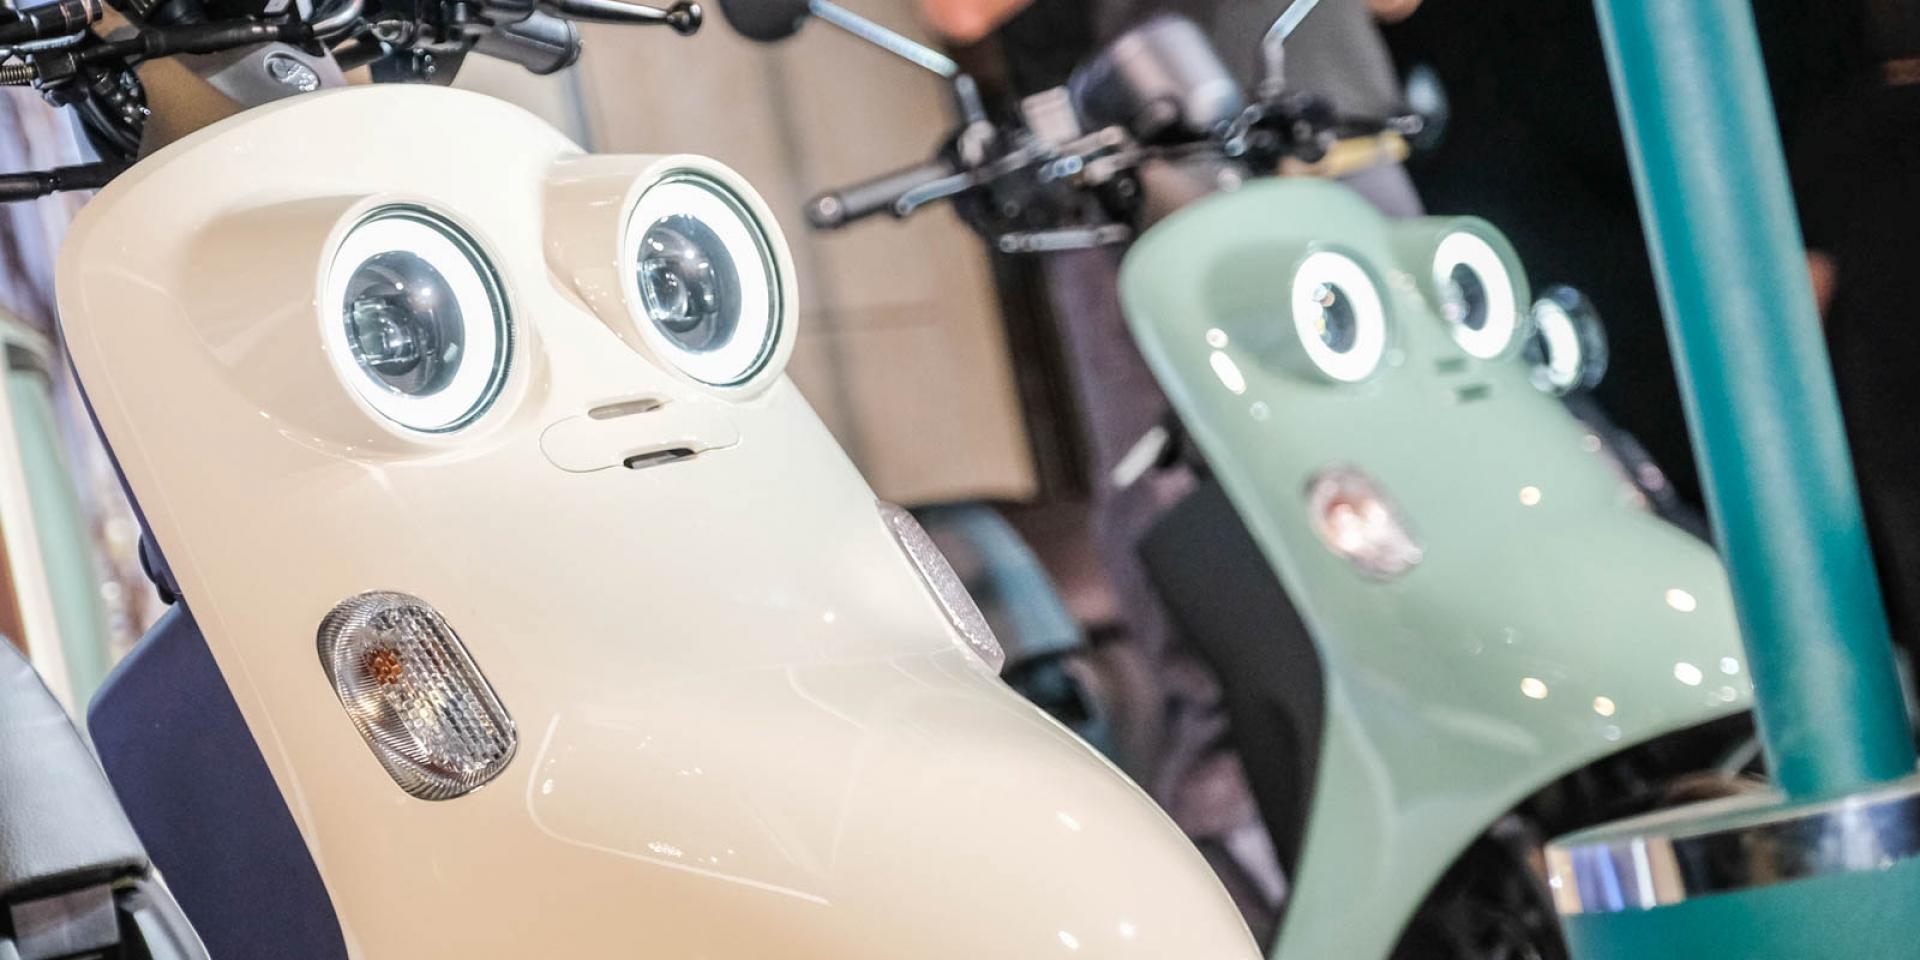 雙圓燈復古時尚!YAMAHA「Vinoora」76,300元發表